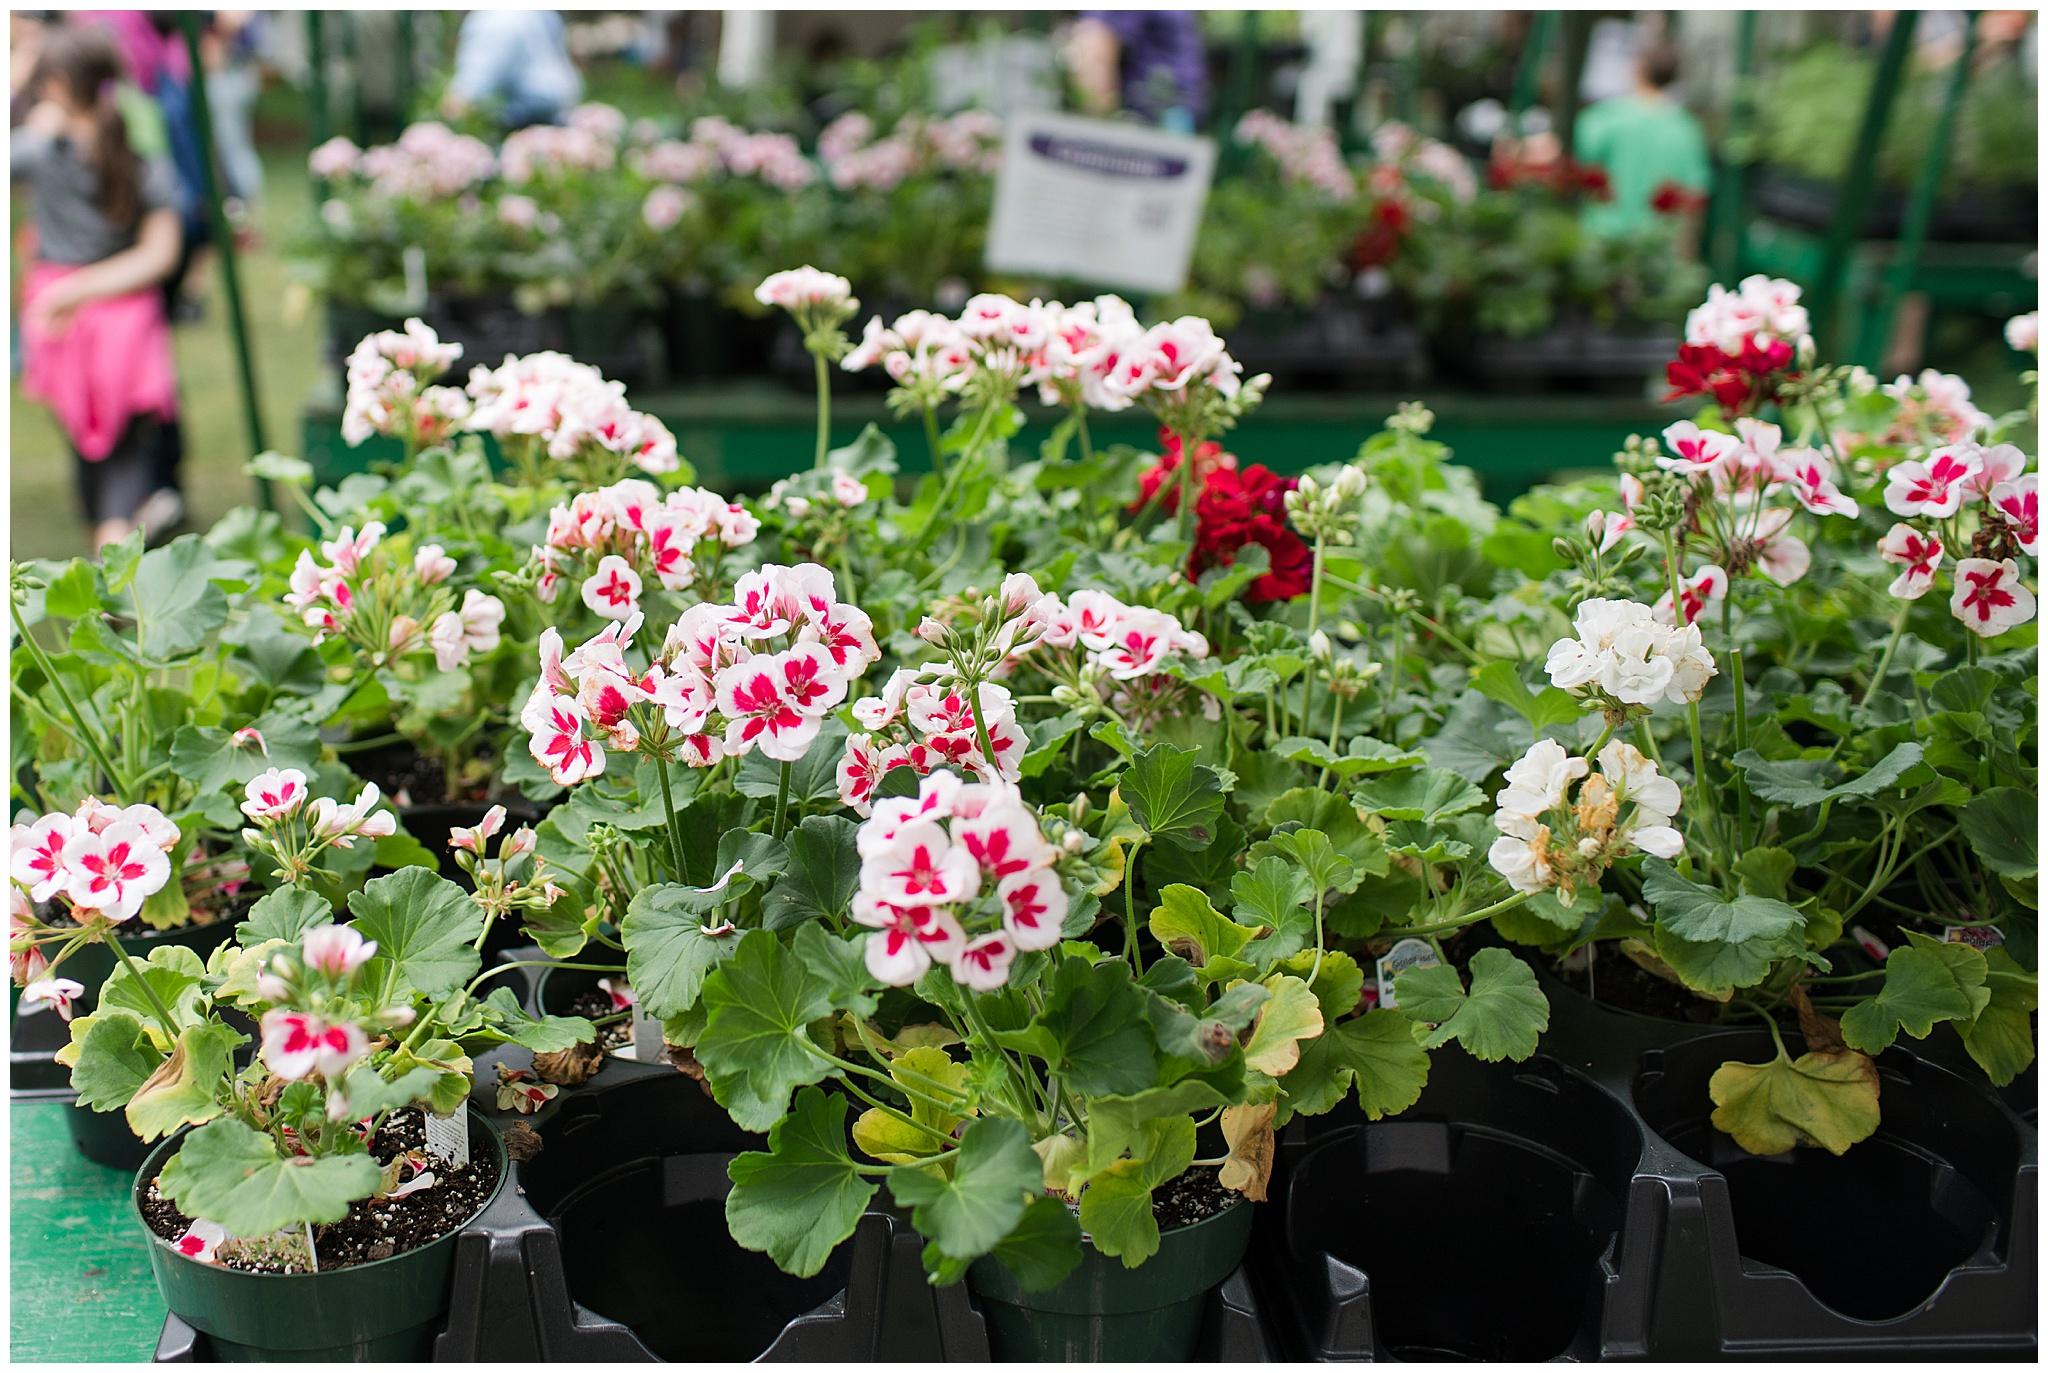 flowermart_0009.jpg